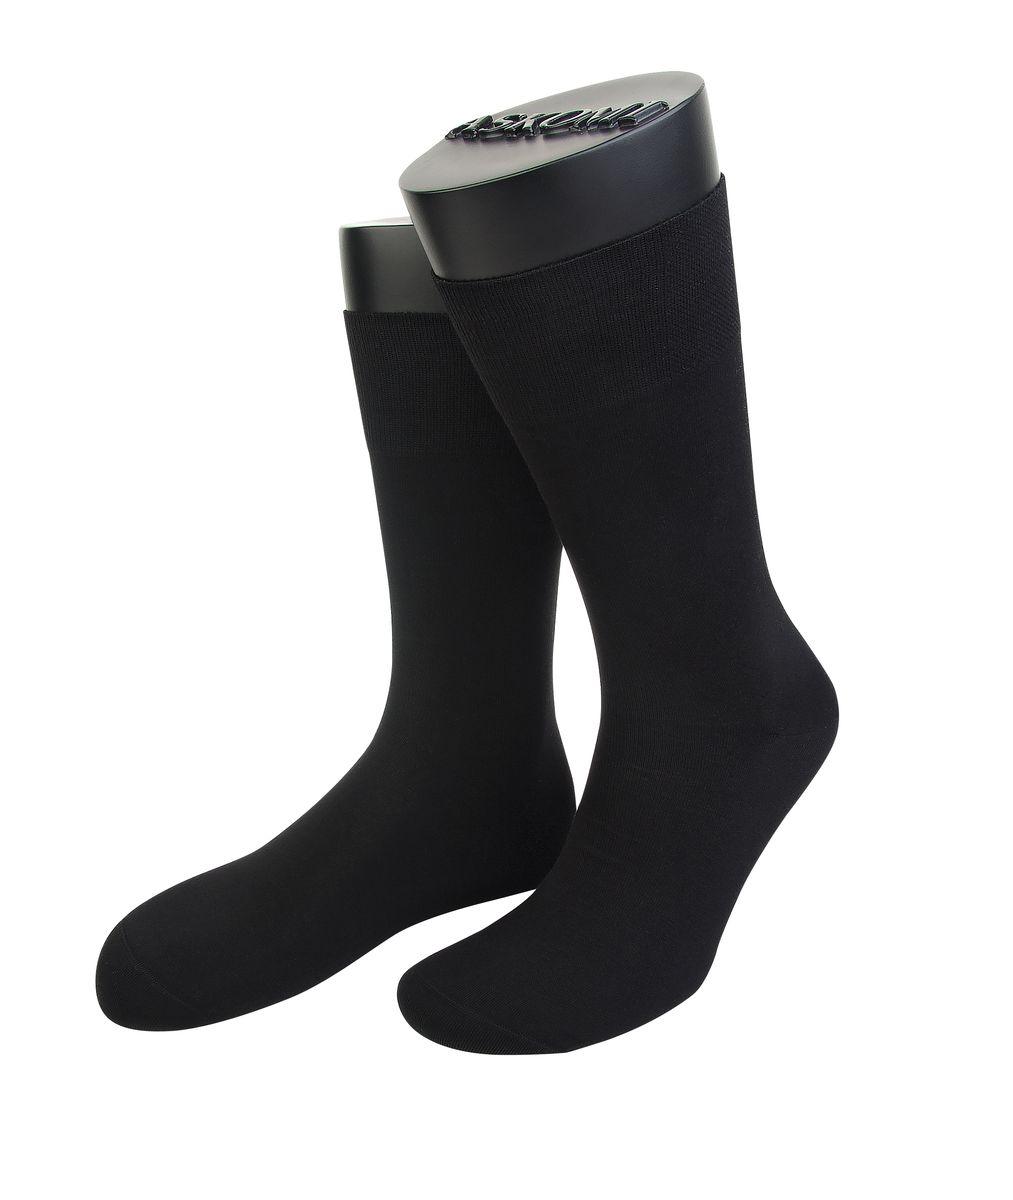 Носки мужские. АМ-7900АМ-7900_8101Хлопок PIMA (перуанский) выращен в специальных климатических условиях, его отличает длинное тонкое волокно, характеризуется высокой прочностью и шелковистью на ощупь.Двойной борт для плотной фиксации который не пережимает сосуды.Укрепление мыска и пятки для идеальной прочности. Кеттельный шов не ощутим для ноги